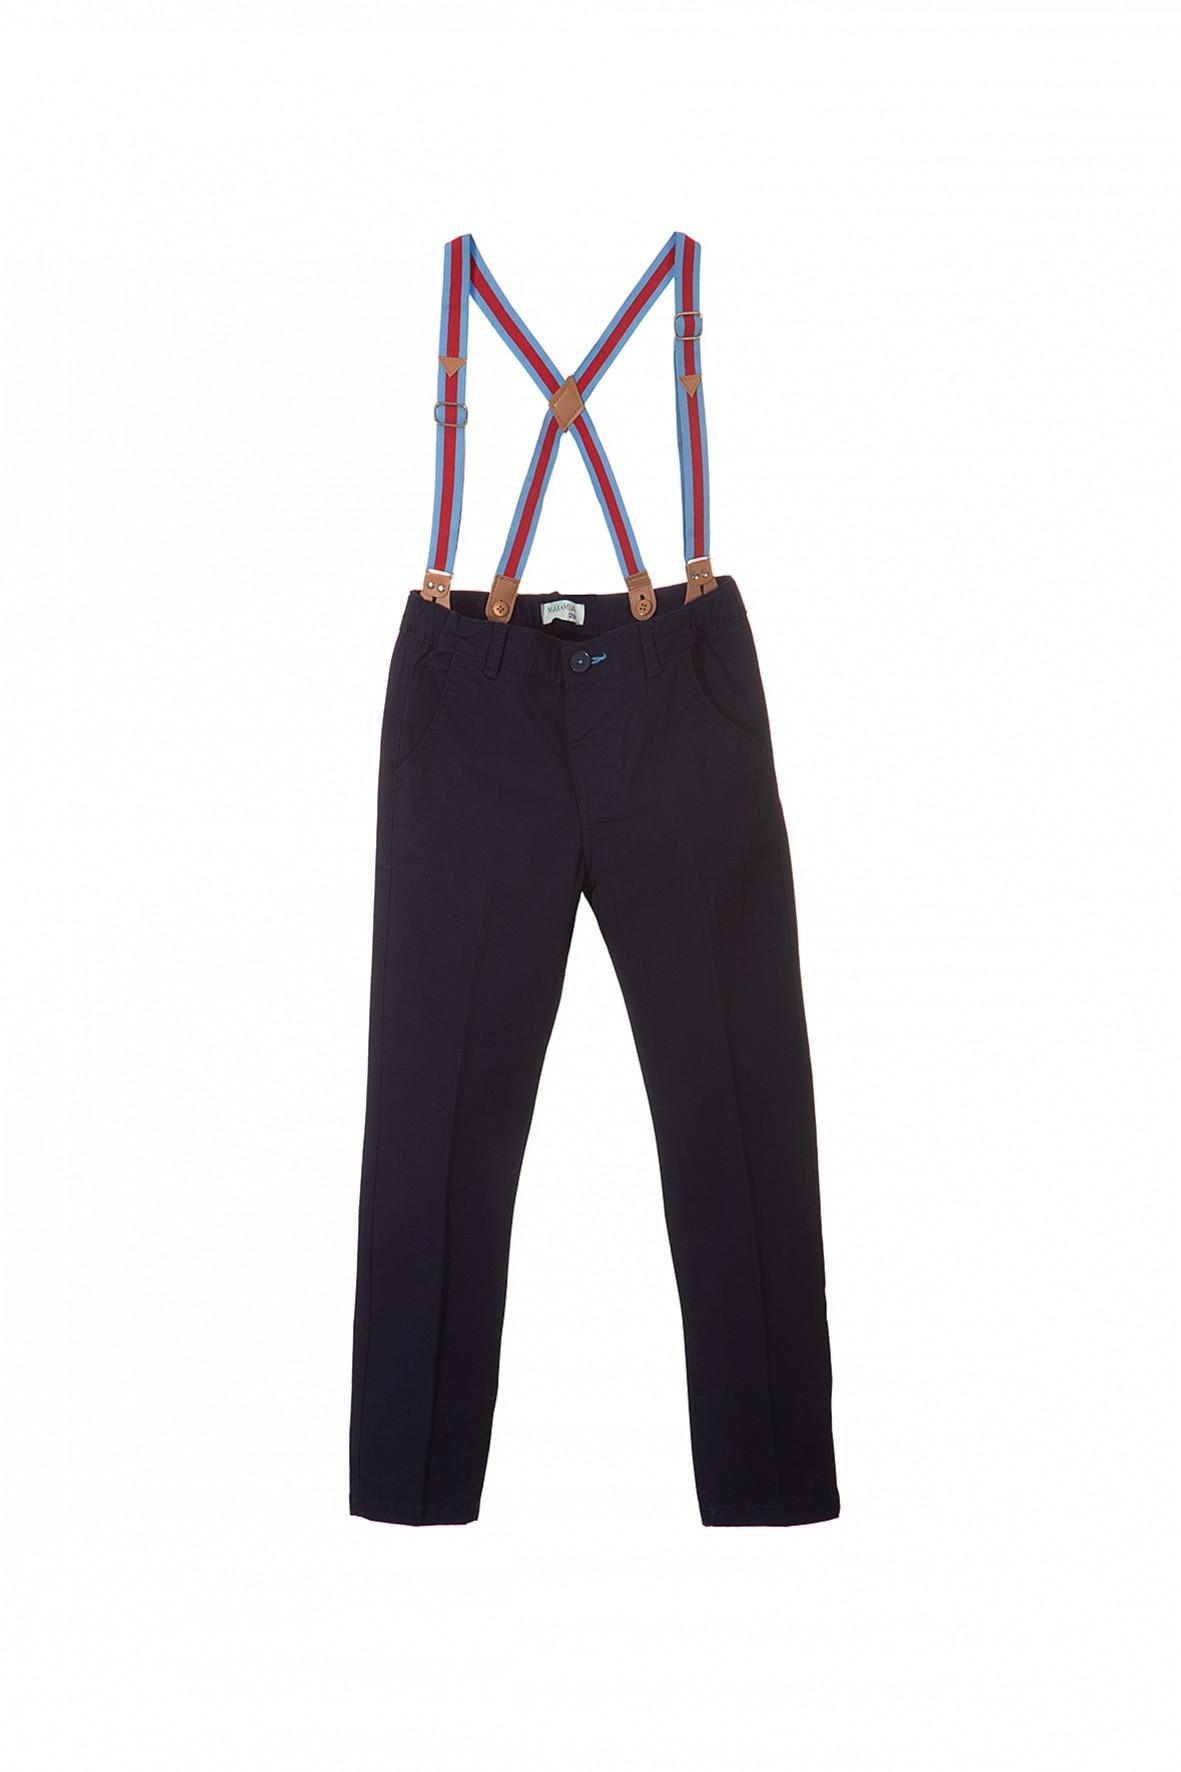 Eleganckie spodnie chłopięce z odpinanymi szelkami.